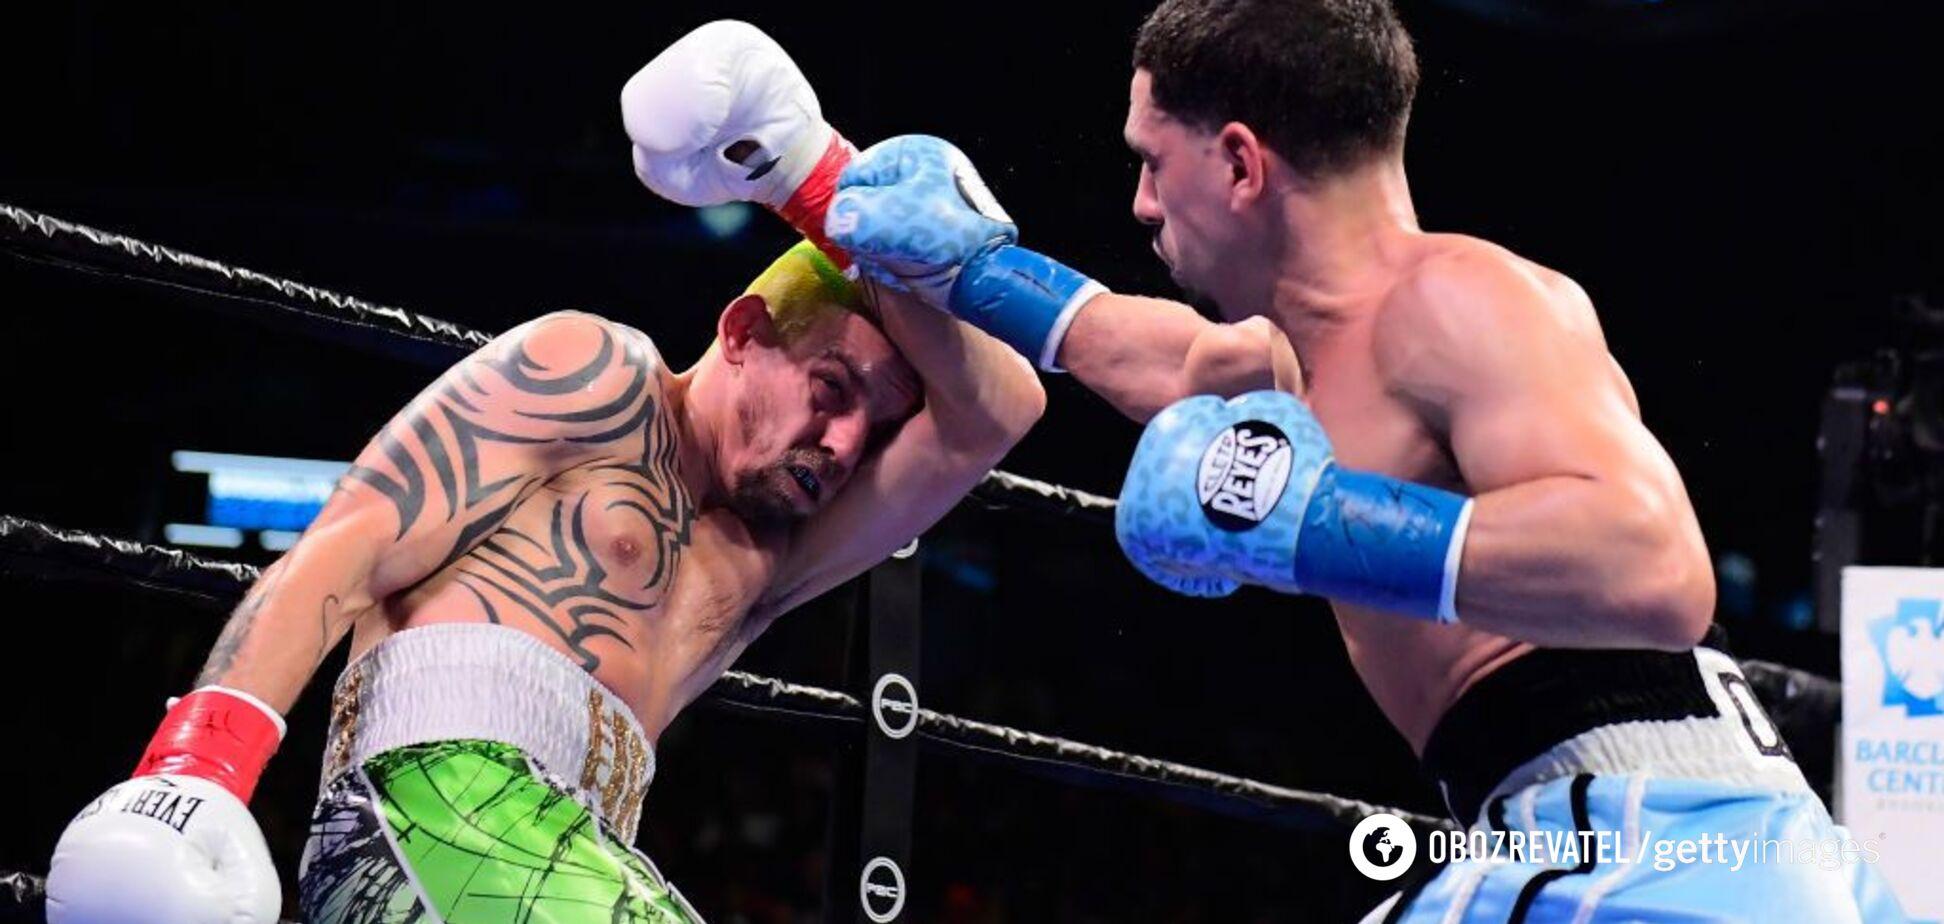 'Вот, черт!' Знаменитый украинский боксер показал лицо после боя (18+)